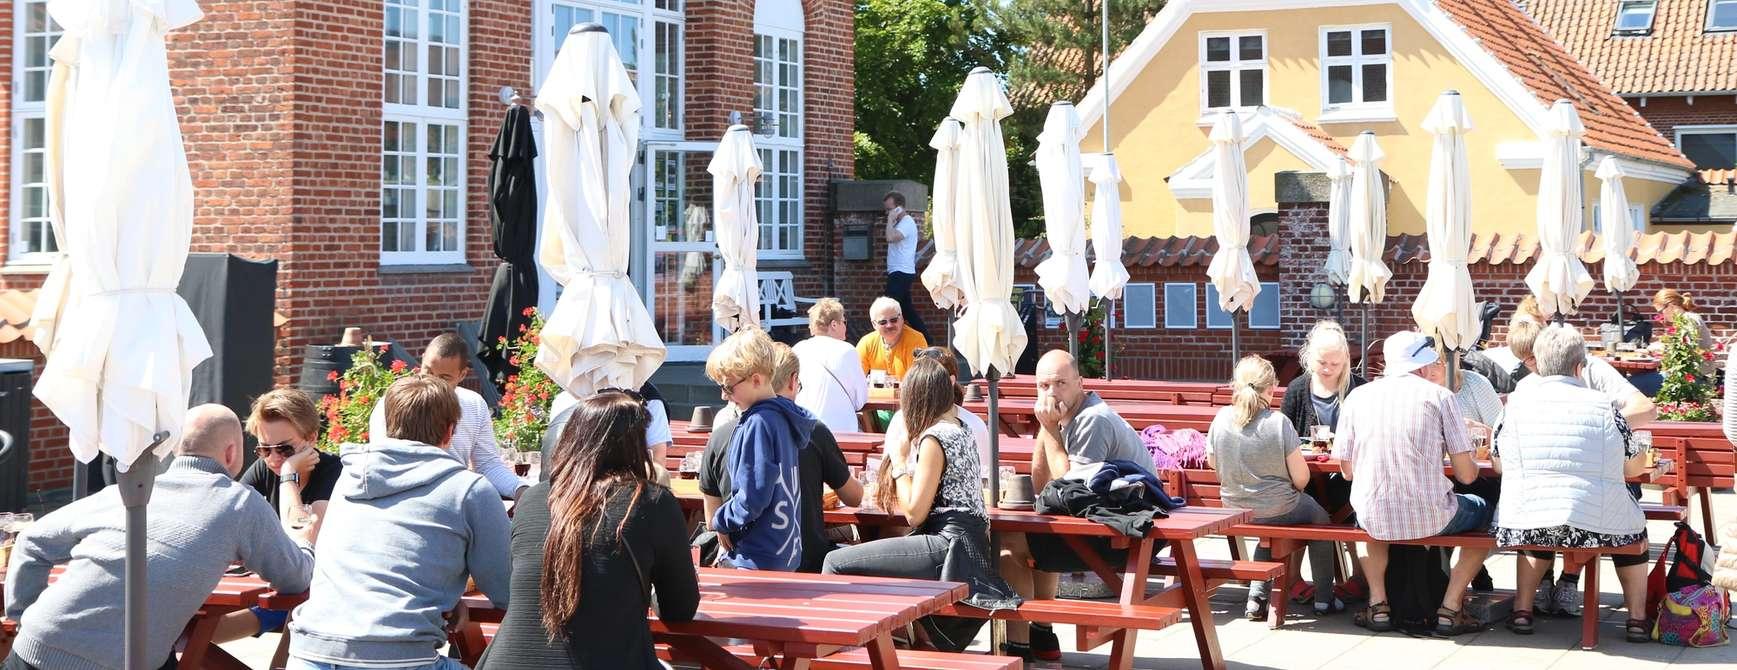 Livlig: På godværsdager er det alltid livlig på Bryghusets store uteområde. Se opp for livemusikk :) Foto: Fjord Line